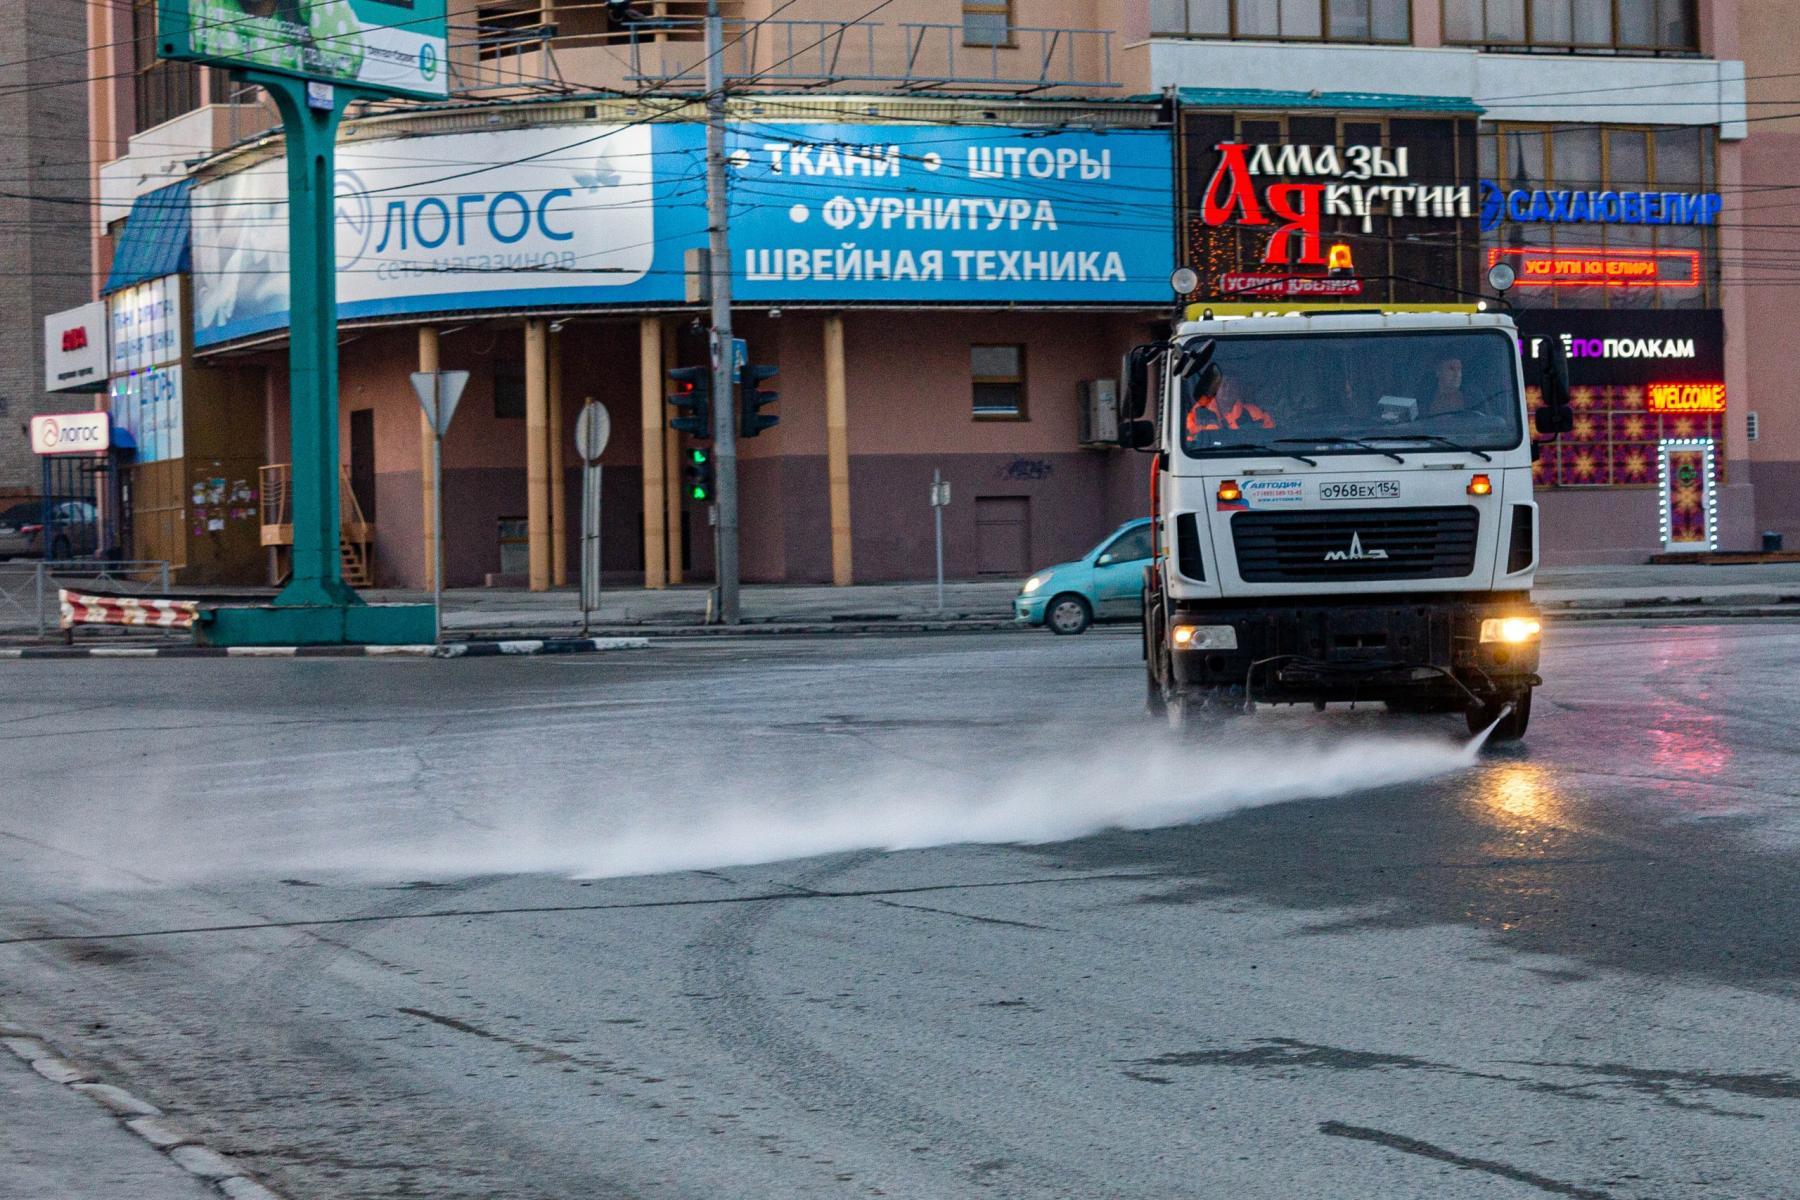 фото В Новосибирске приступили к уборке улиц шампунем «Бионорд» 2